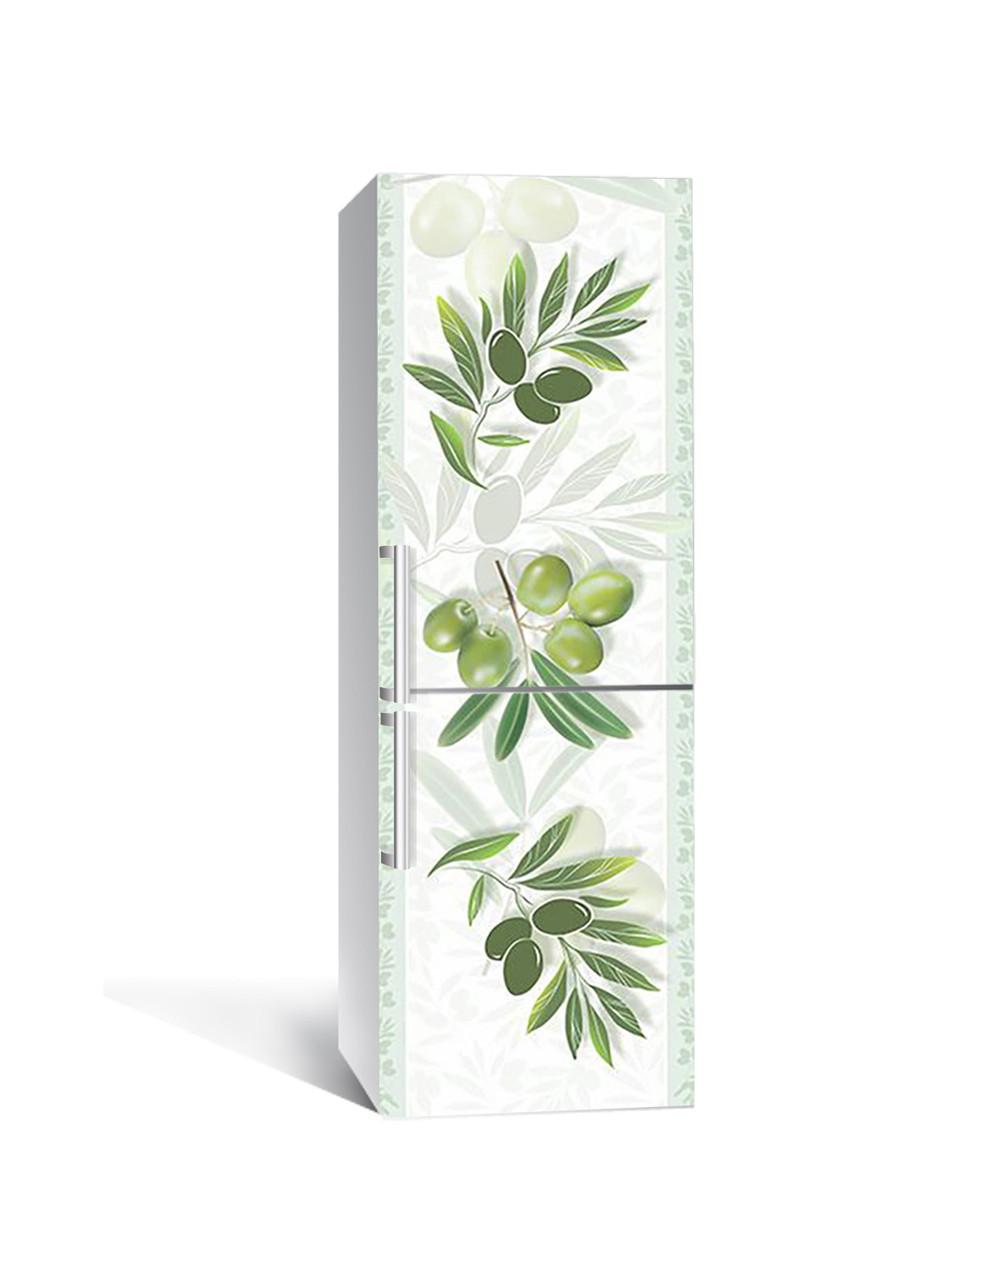 Виниловая 3Д наклейка на холодильник Ветви Оливы маслина (пленка ПВХ фотопечать) 65*200см Ягоды Зелёный